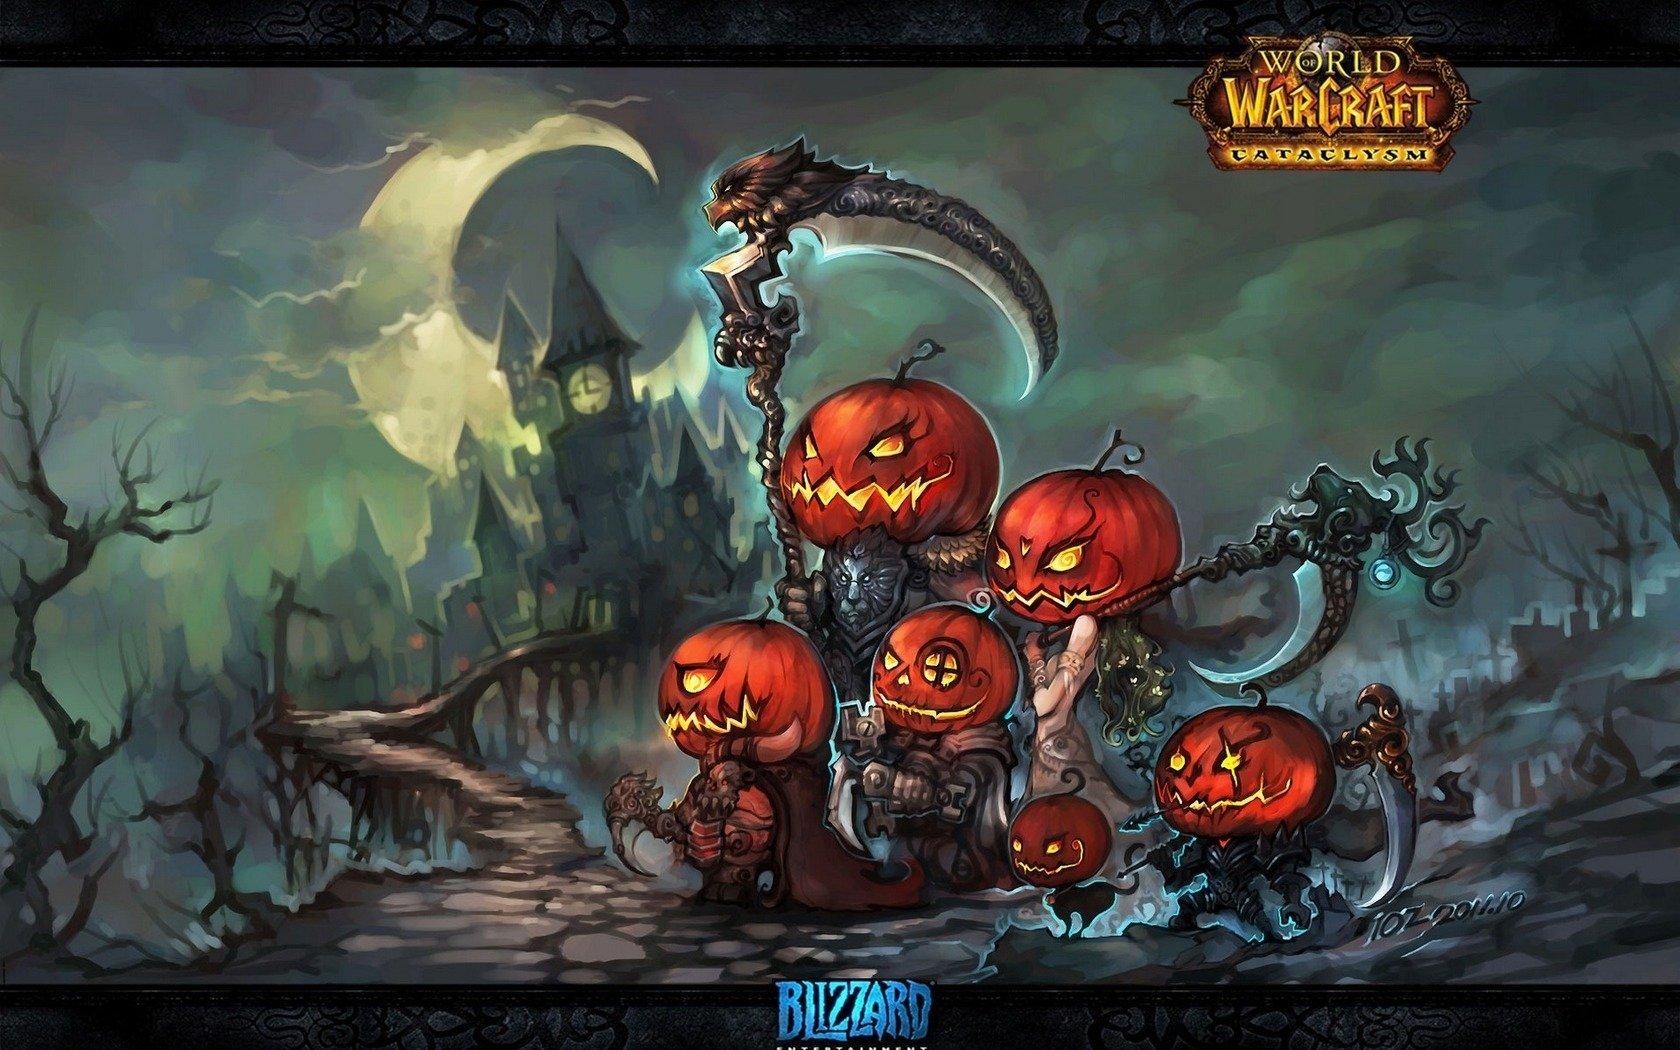 World Of Warcraft Cataclysm Fondo De Pantalla And Fondo De